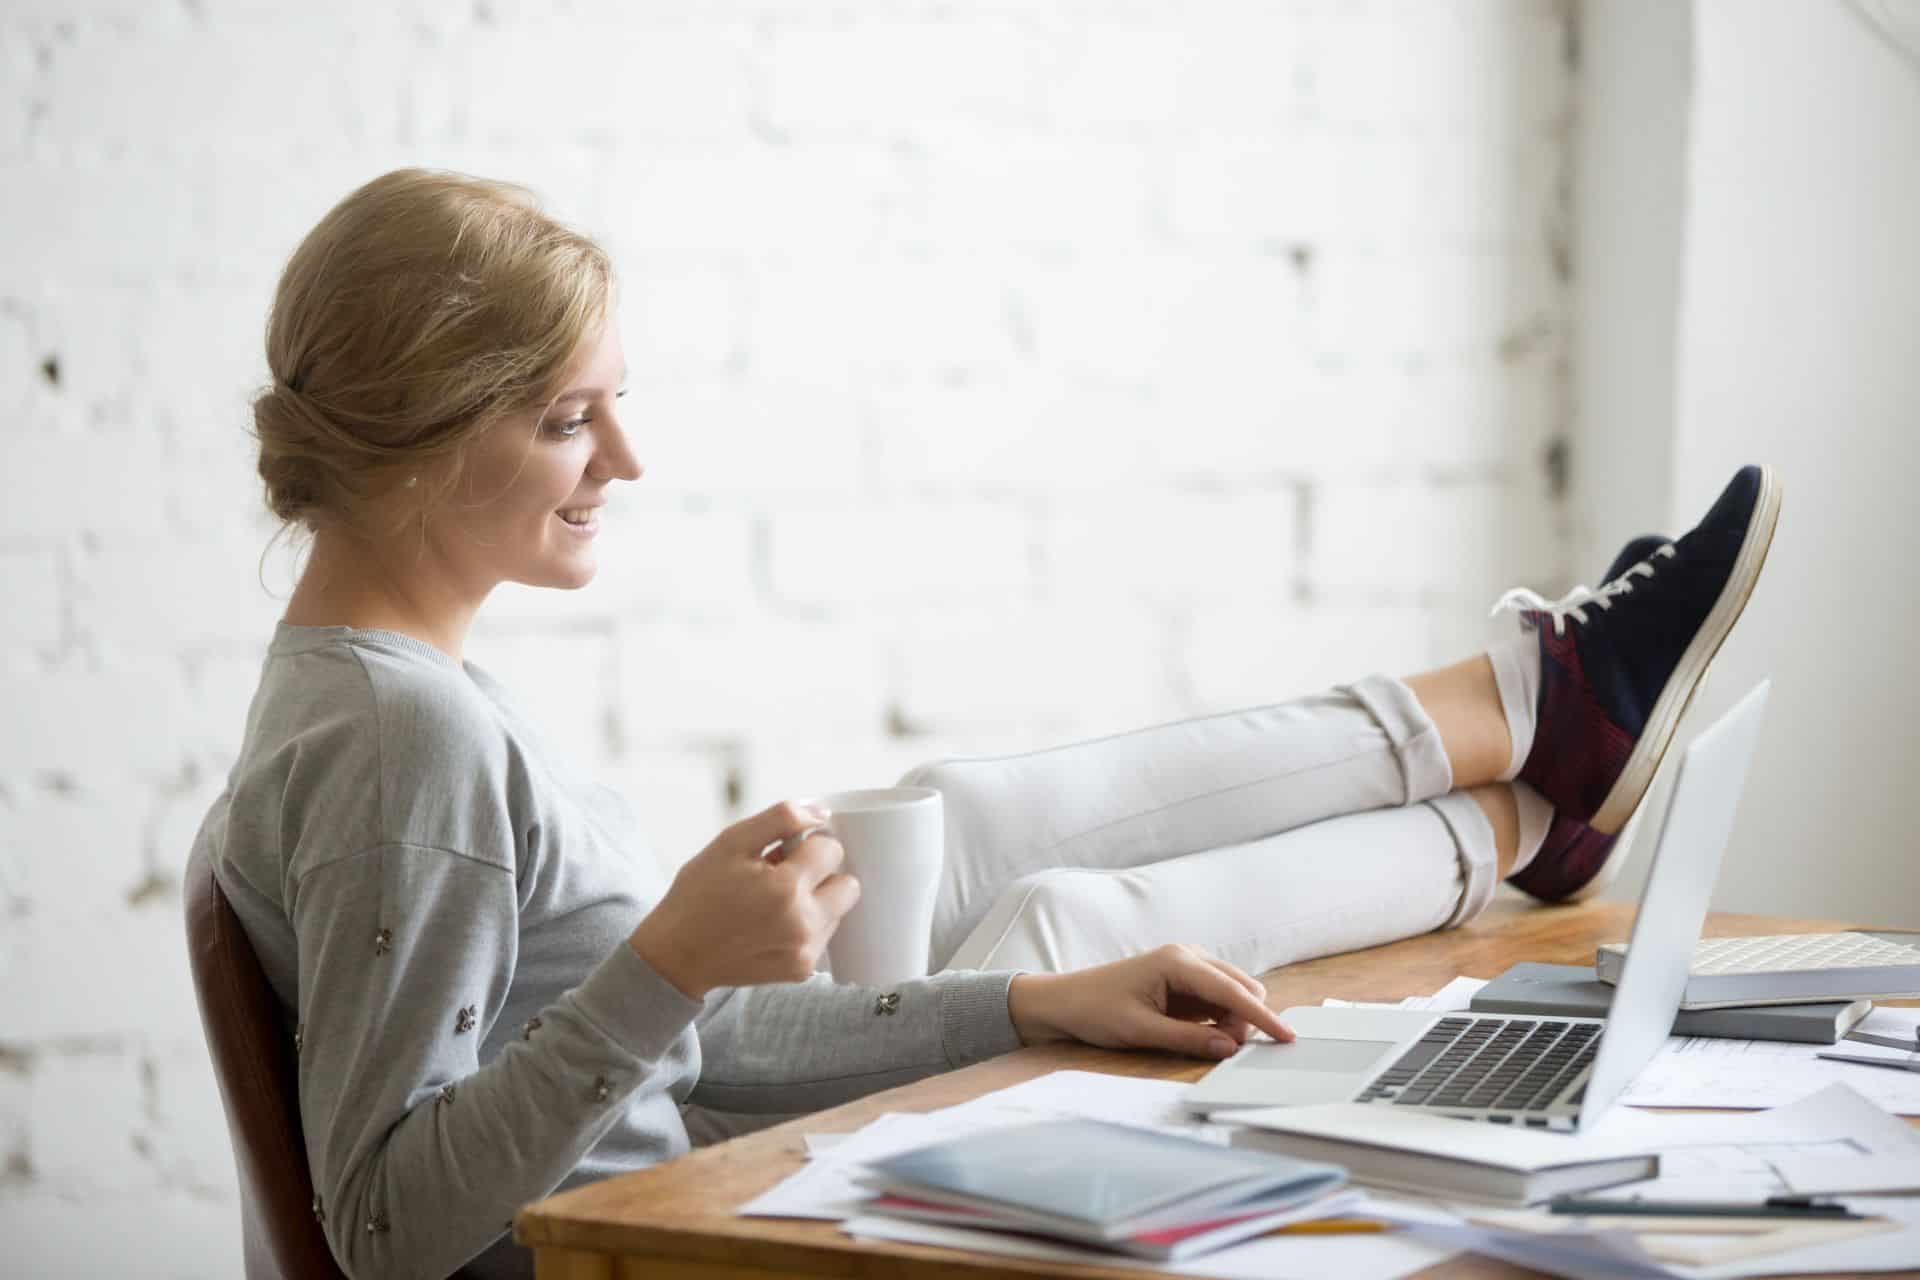 hogyan lehet otthon pénzt keresni